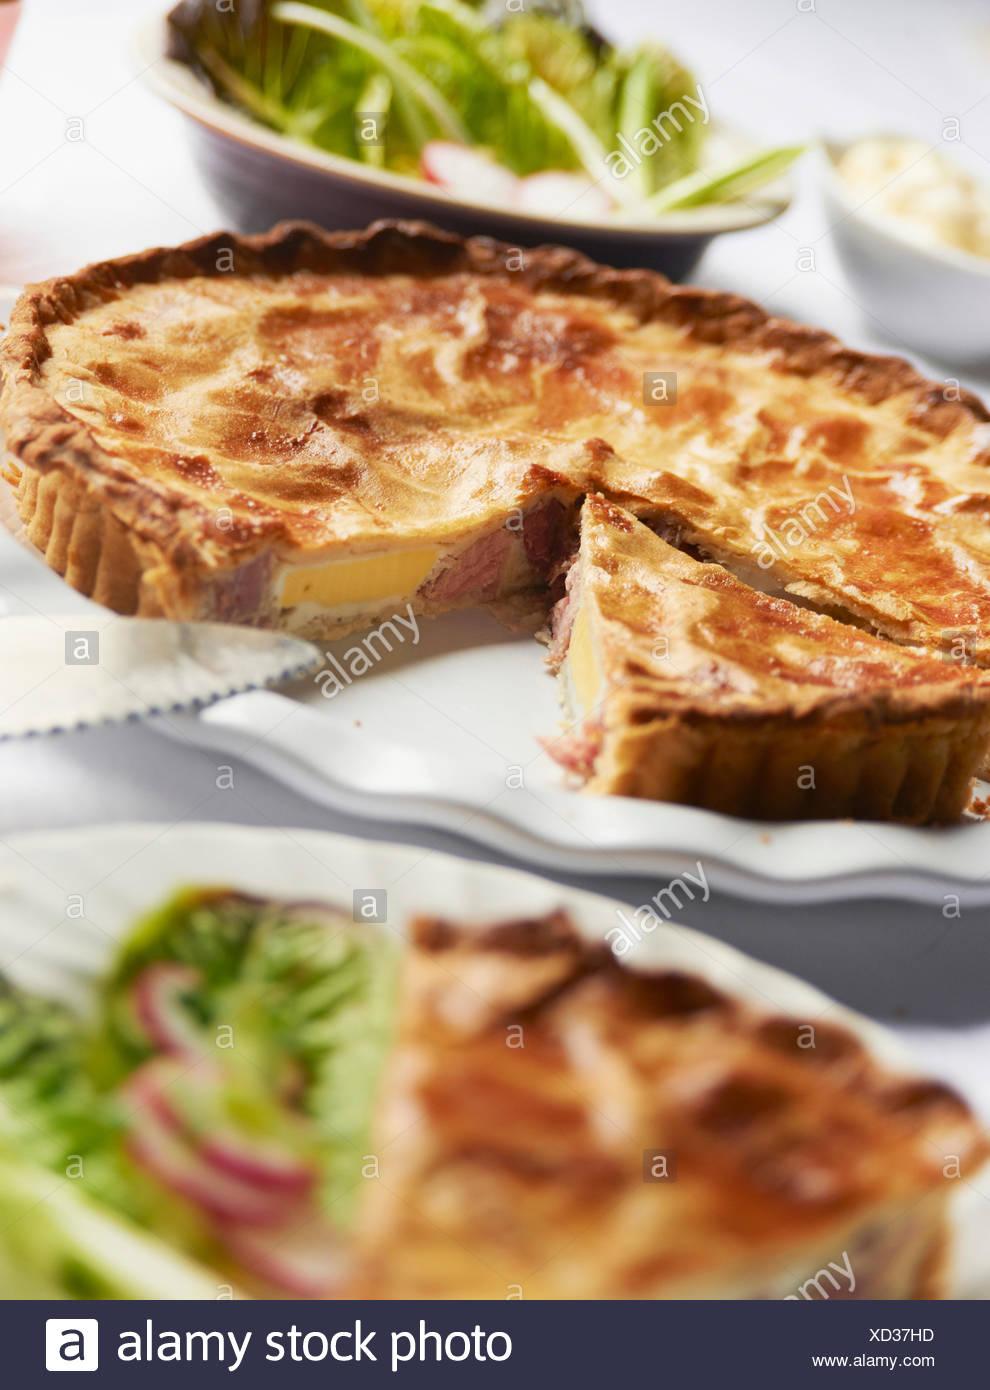 Il prosciutto casalingo e torta di uovo sulla piastra Immagini Stock